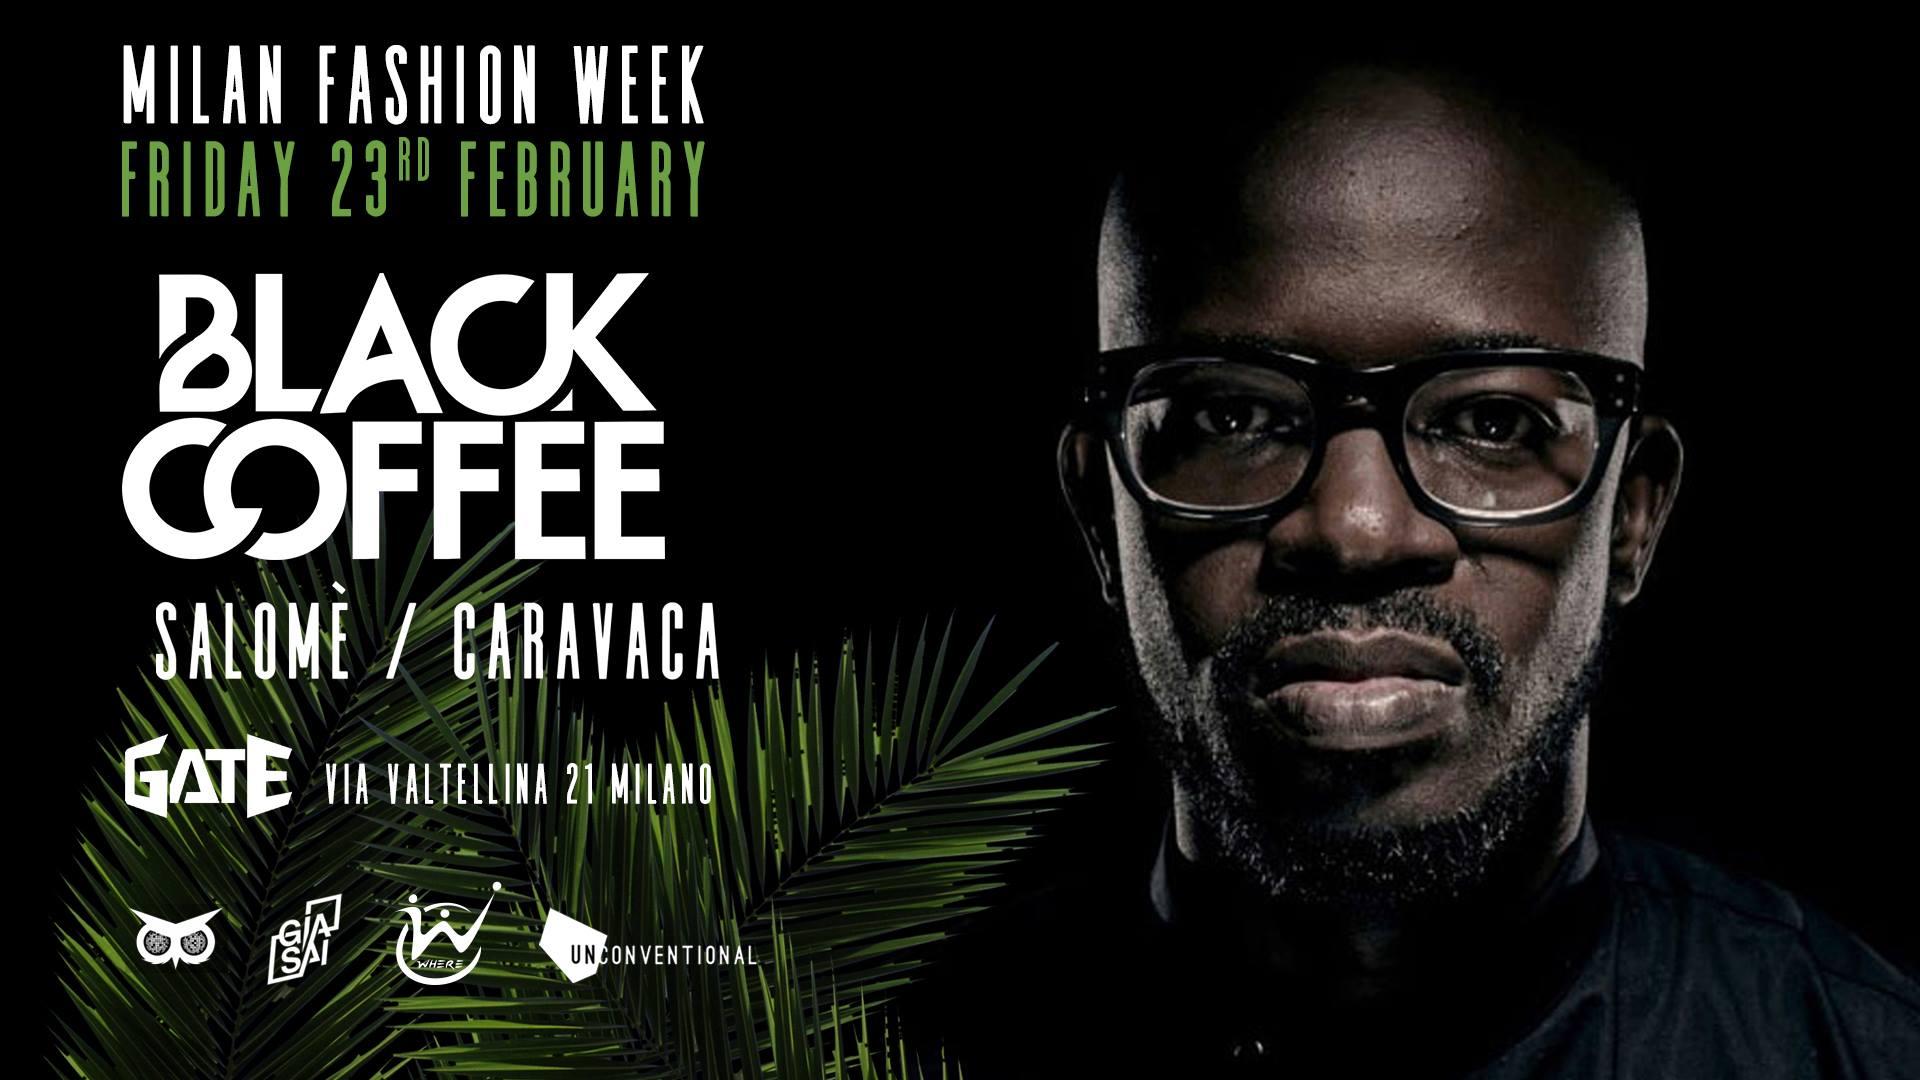 Black Coffee Milan Fashion Week | YOUparti